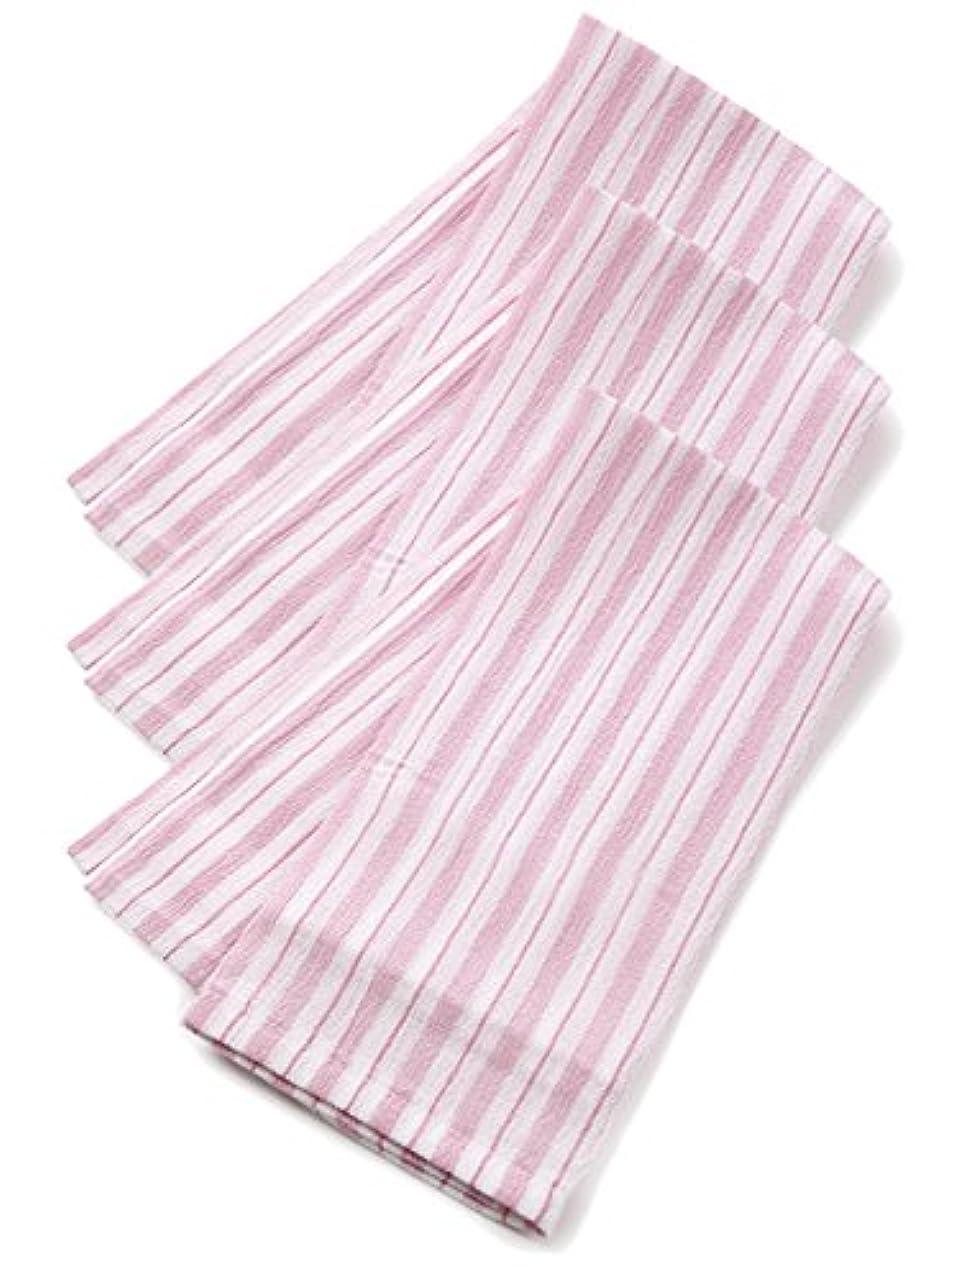 息を切らして有利用語集くーる&ほっと 昔ながらのレーヨンあかすり 日本製(群馬県で製造) 長尺 3枚組 (ピンク)